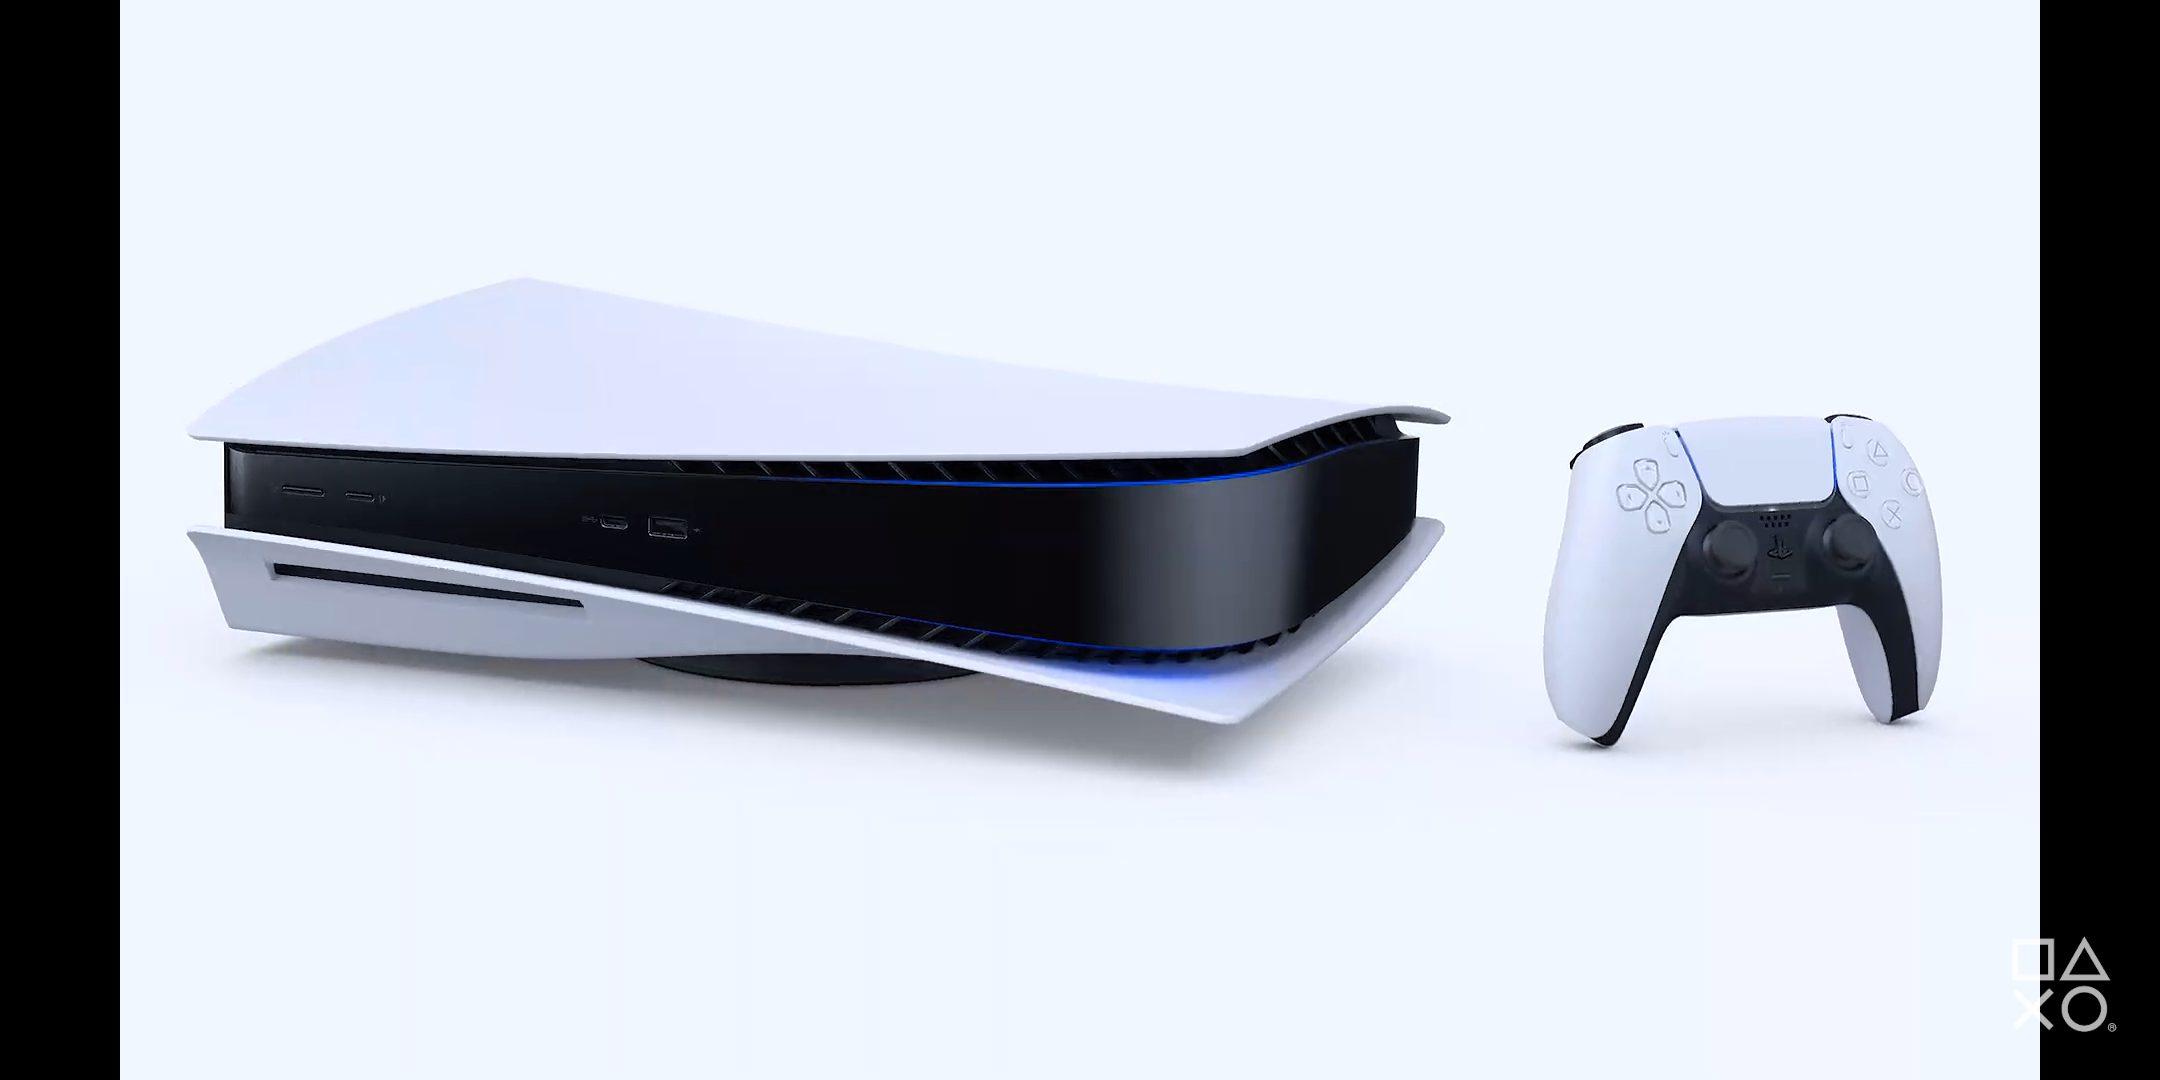 JyXNRJ0 - PS5のデザインマジで変更してくれ